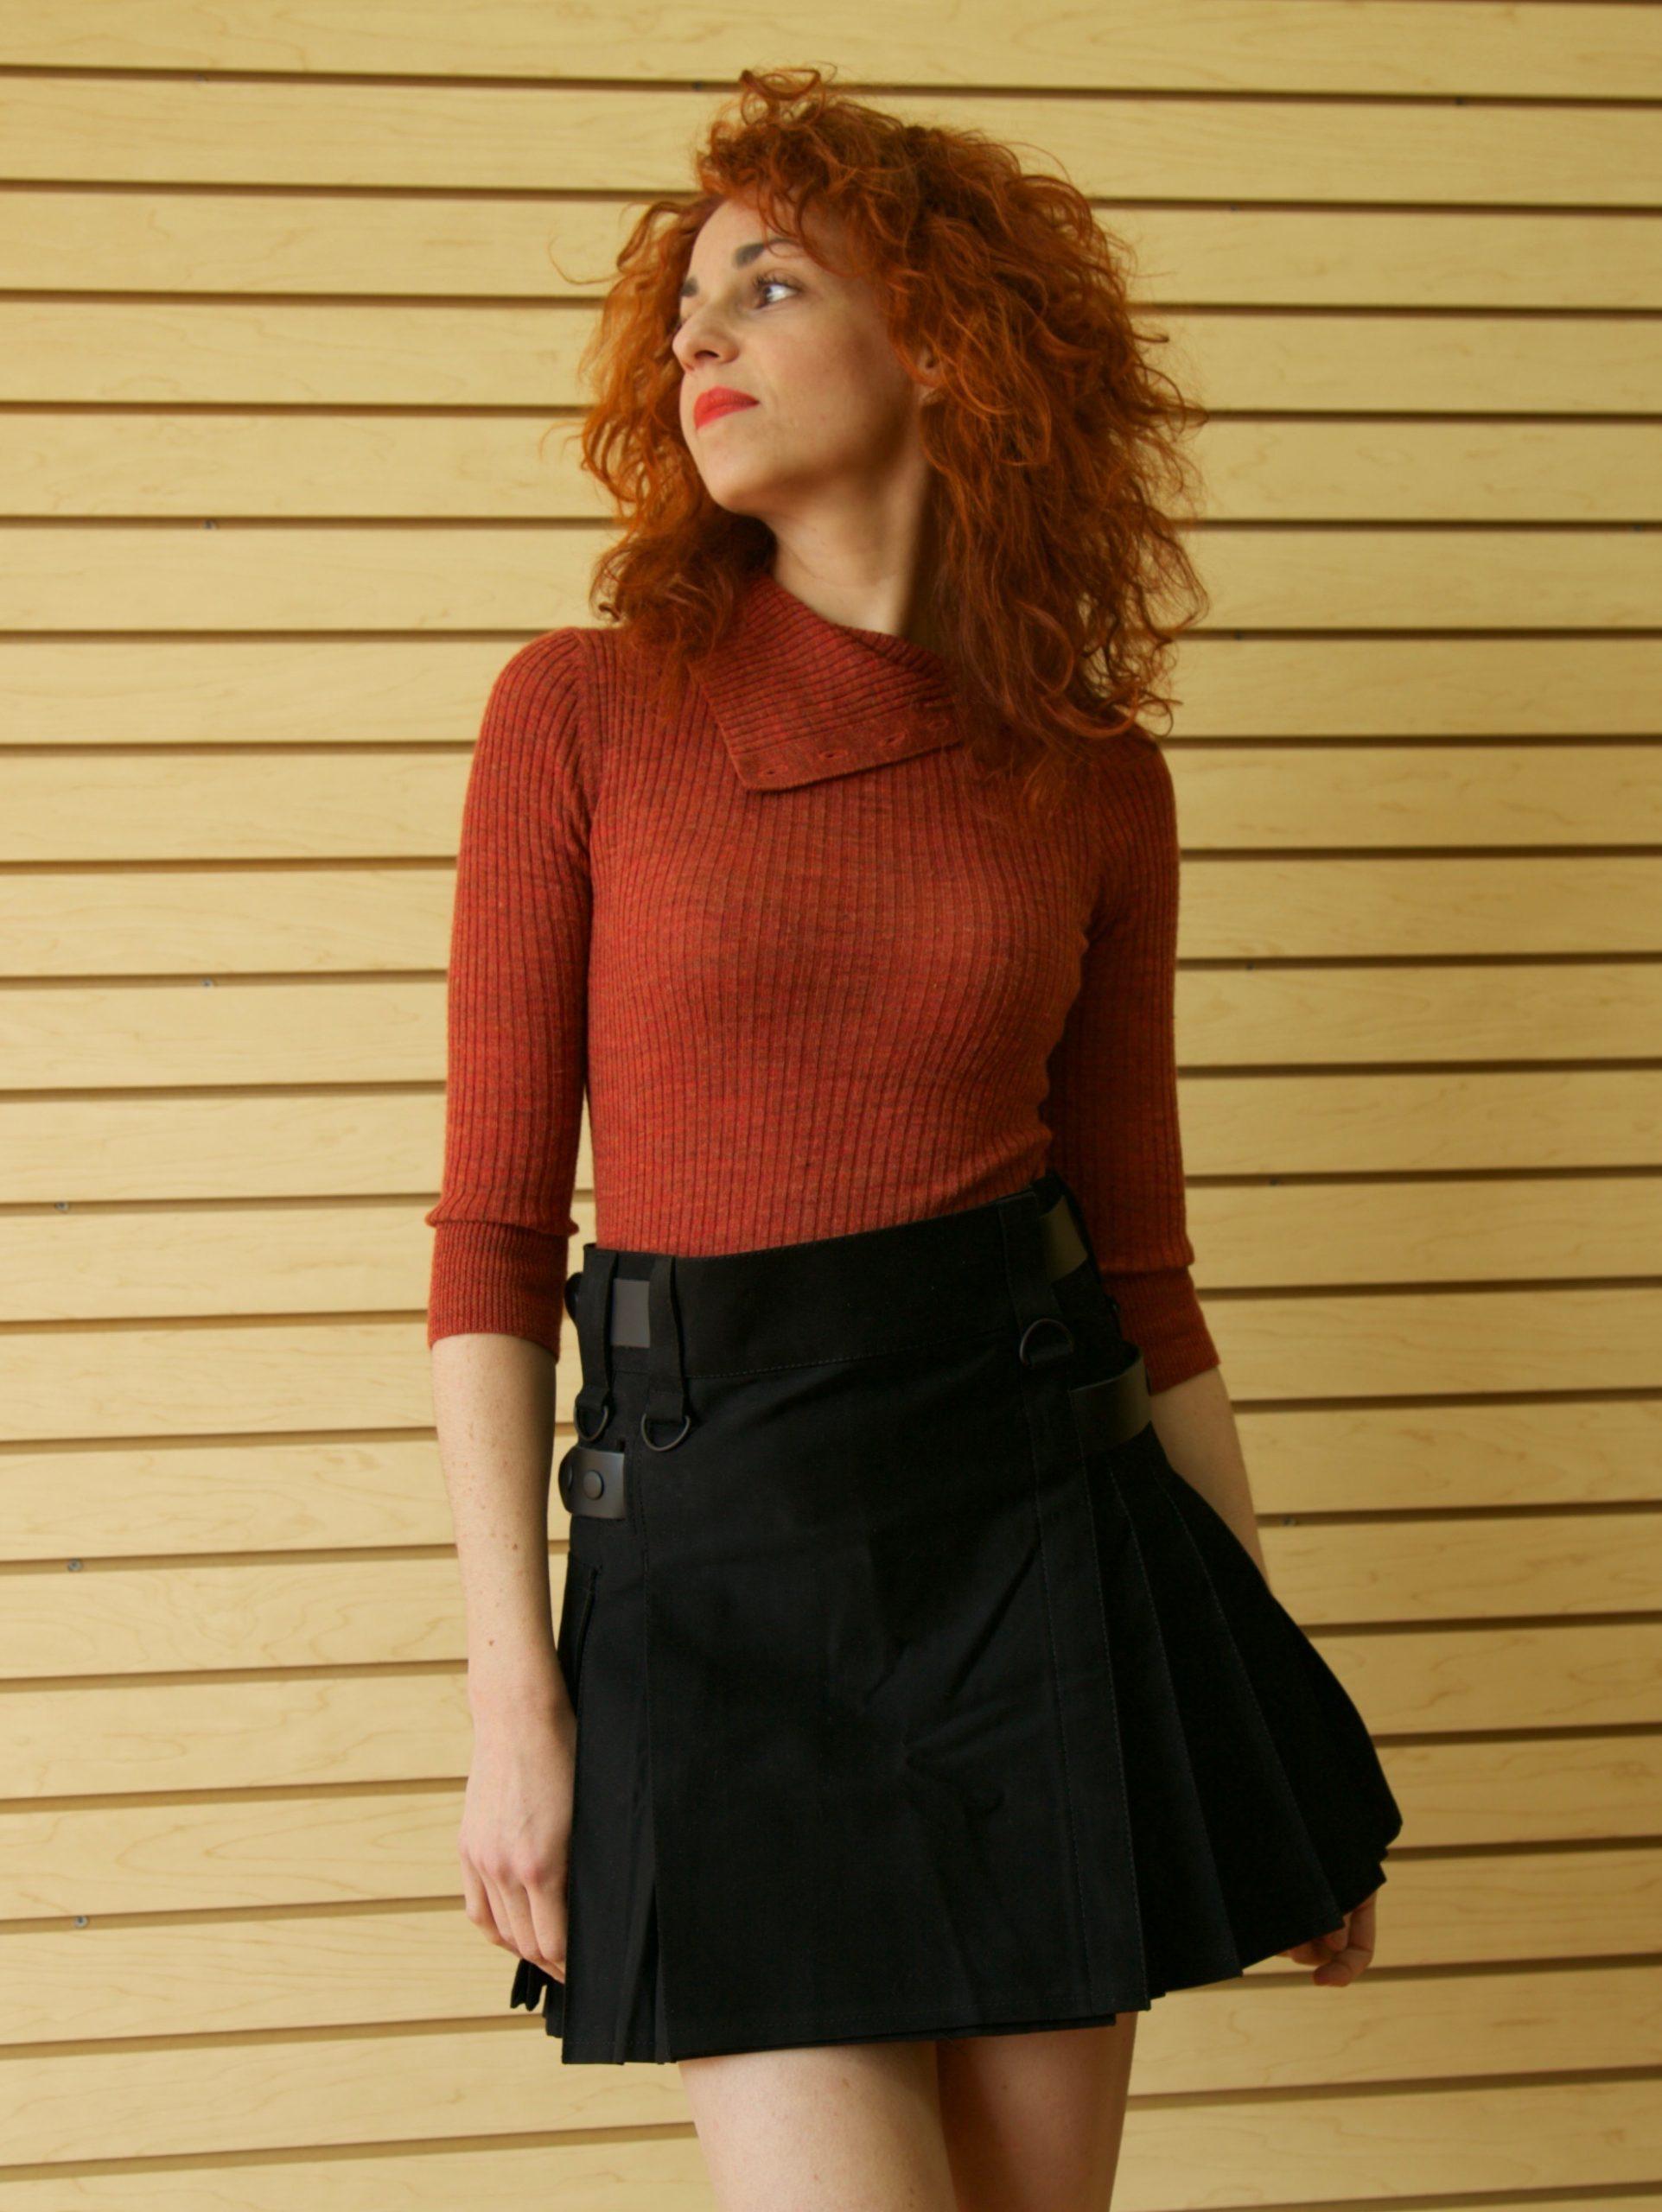 Deluxe hybrid kilt for working women